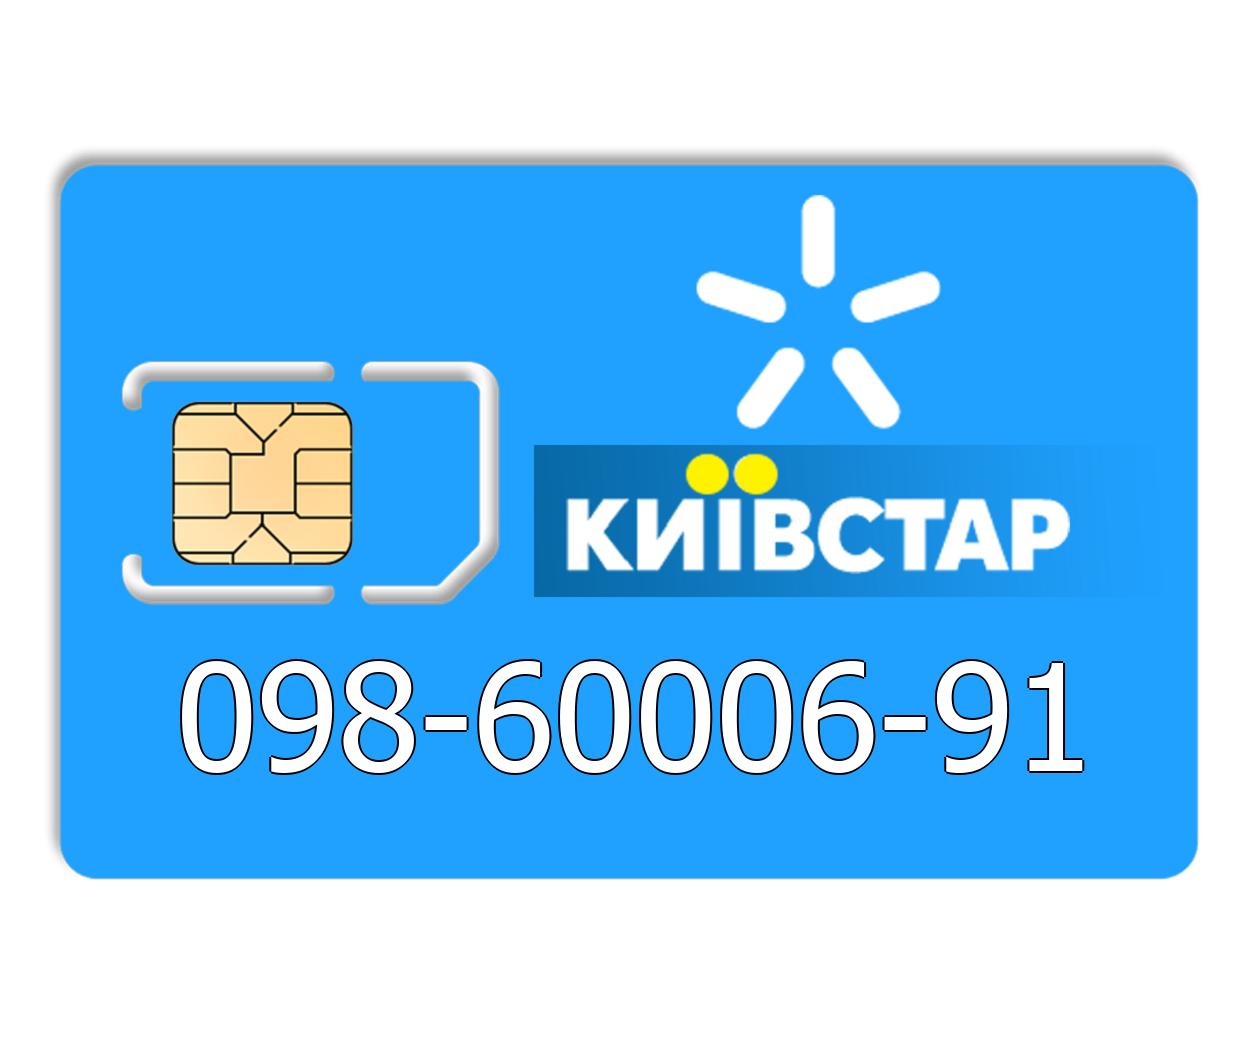 Красивый номер Киевстар 098-60006-91